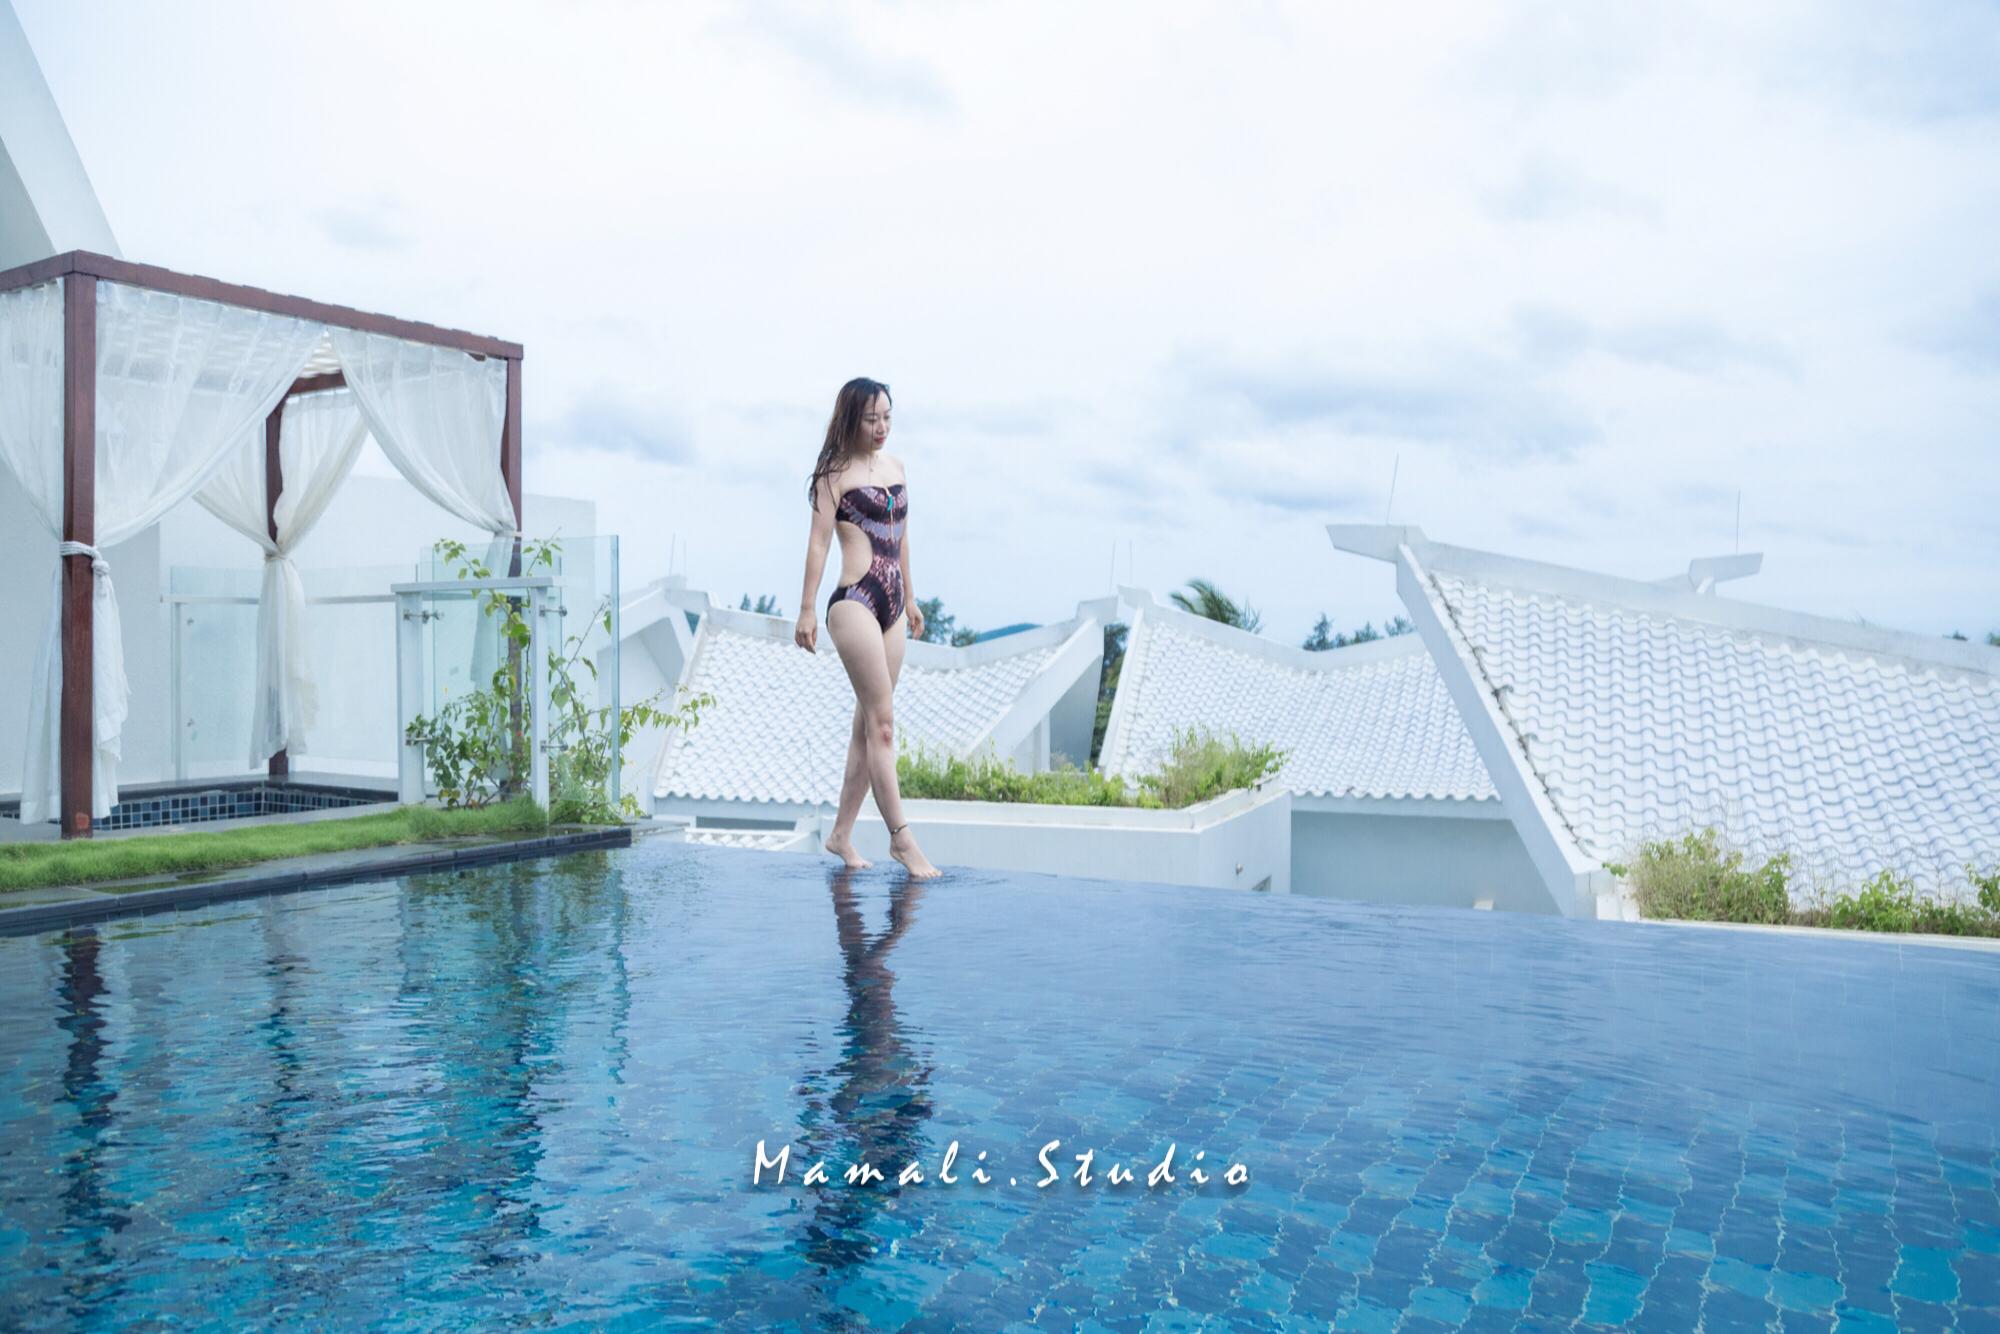 打卡三亚高颜值别墅酒店,轻奢纯白屋顶,露天无边泳池,尽显高段位玩法